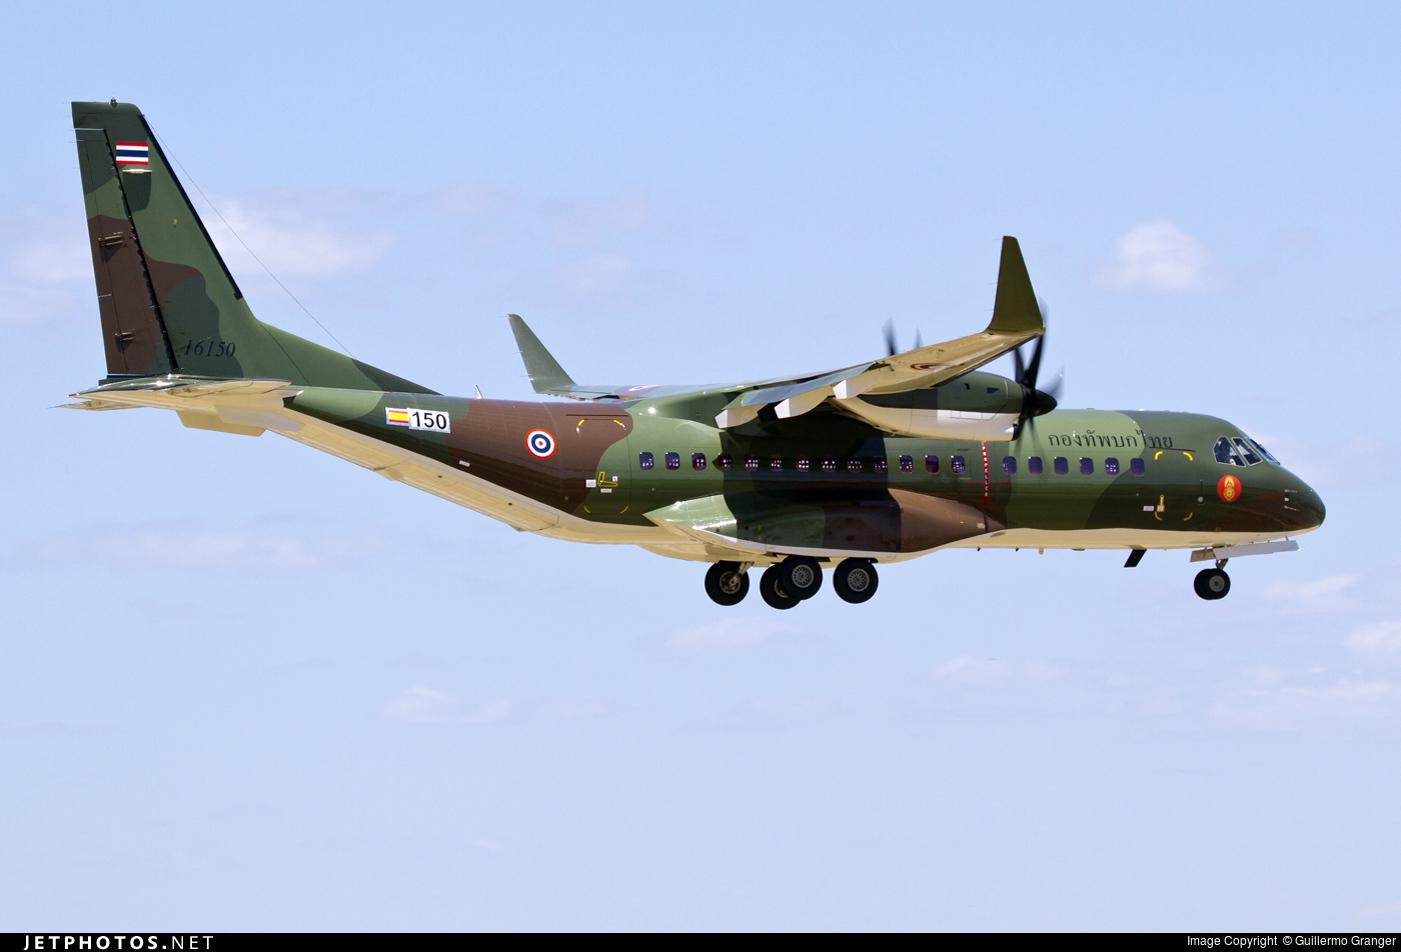 Построенный для армейской авиации Таиланда военно-транспортный самолет Airbus C295W (серийный номер 150, бортовой номер 16150) во время заводских летных испытаний. Севилья (Испания), 16.06.2016.